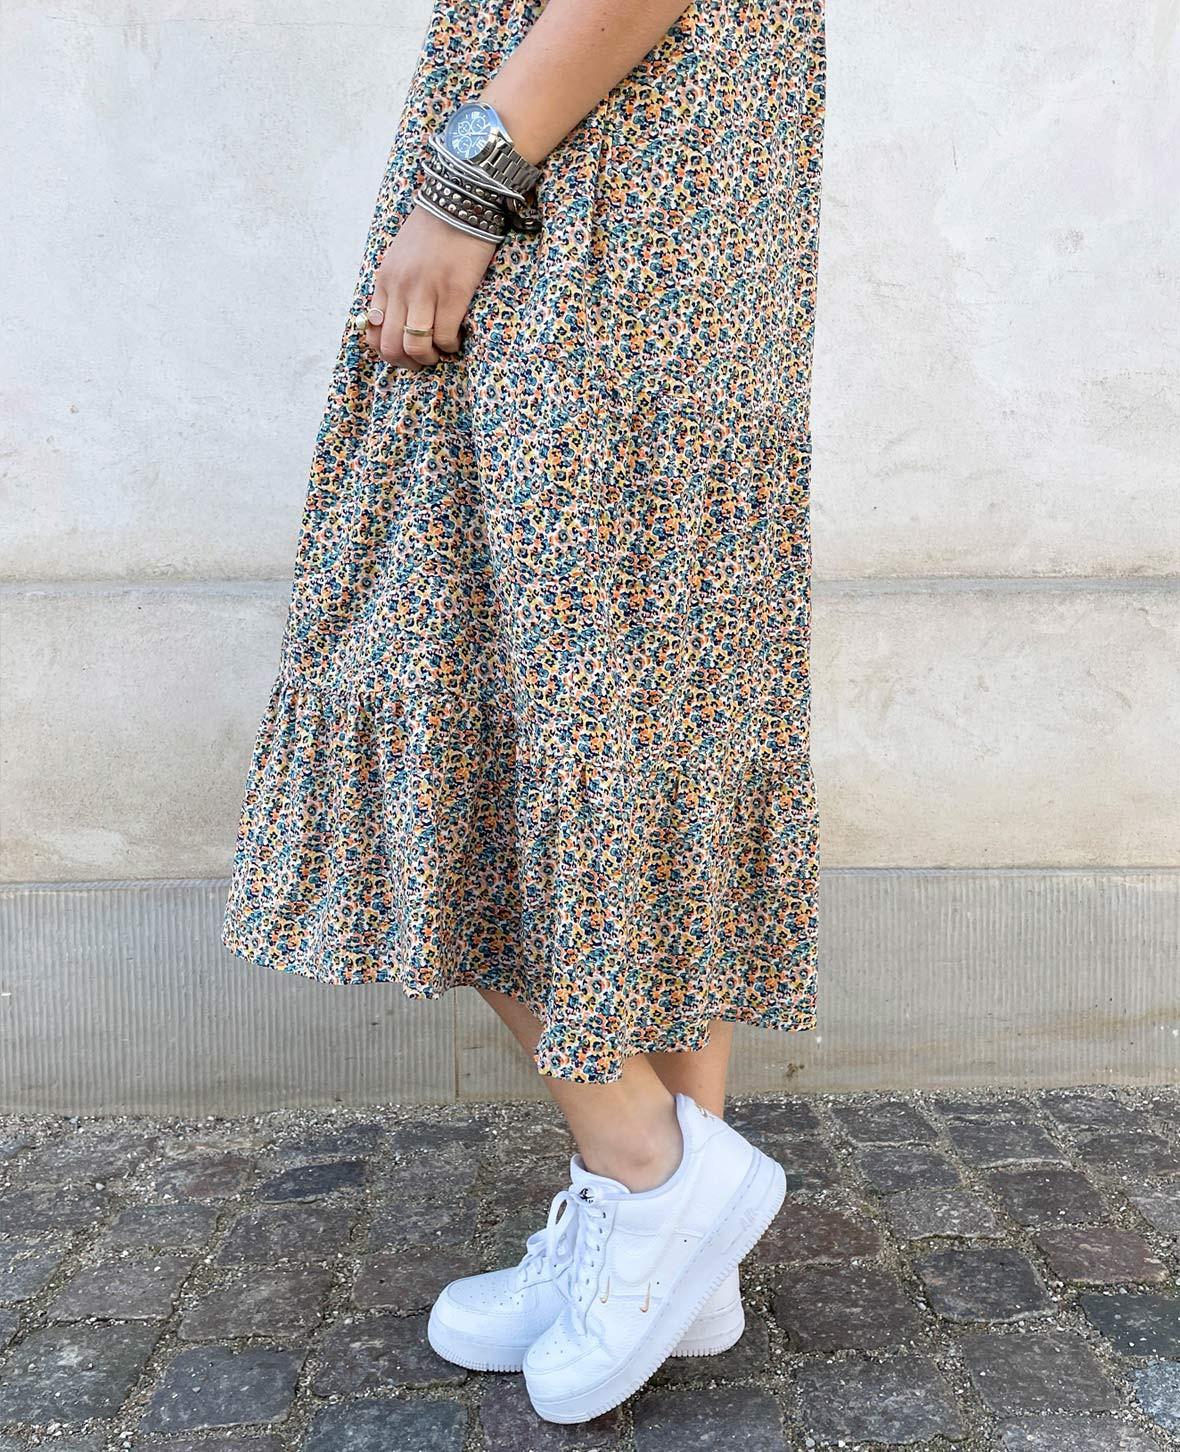 kjoler_med_blomsterprint.jpg